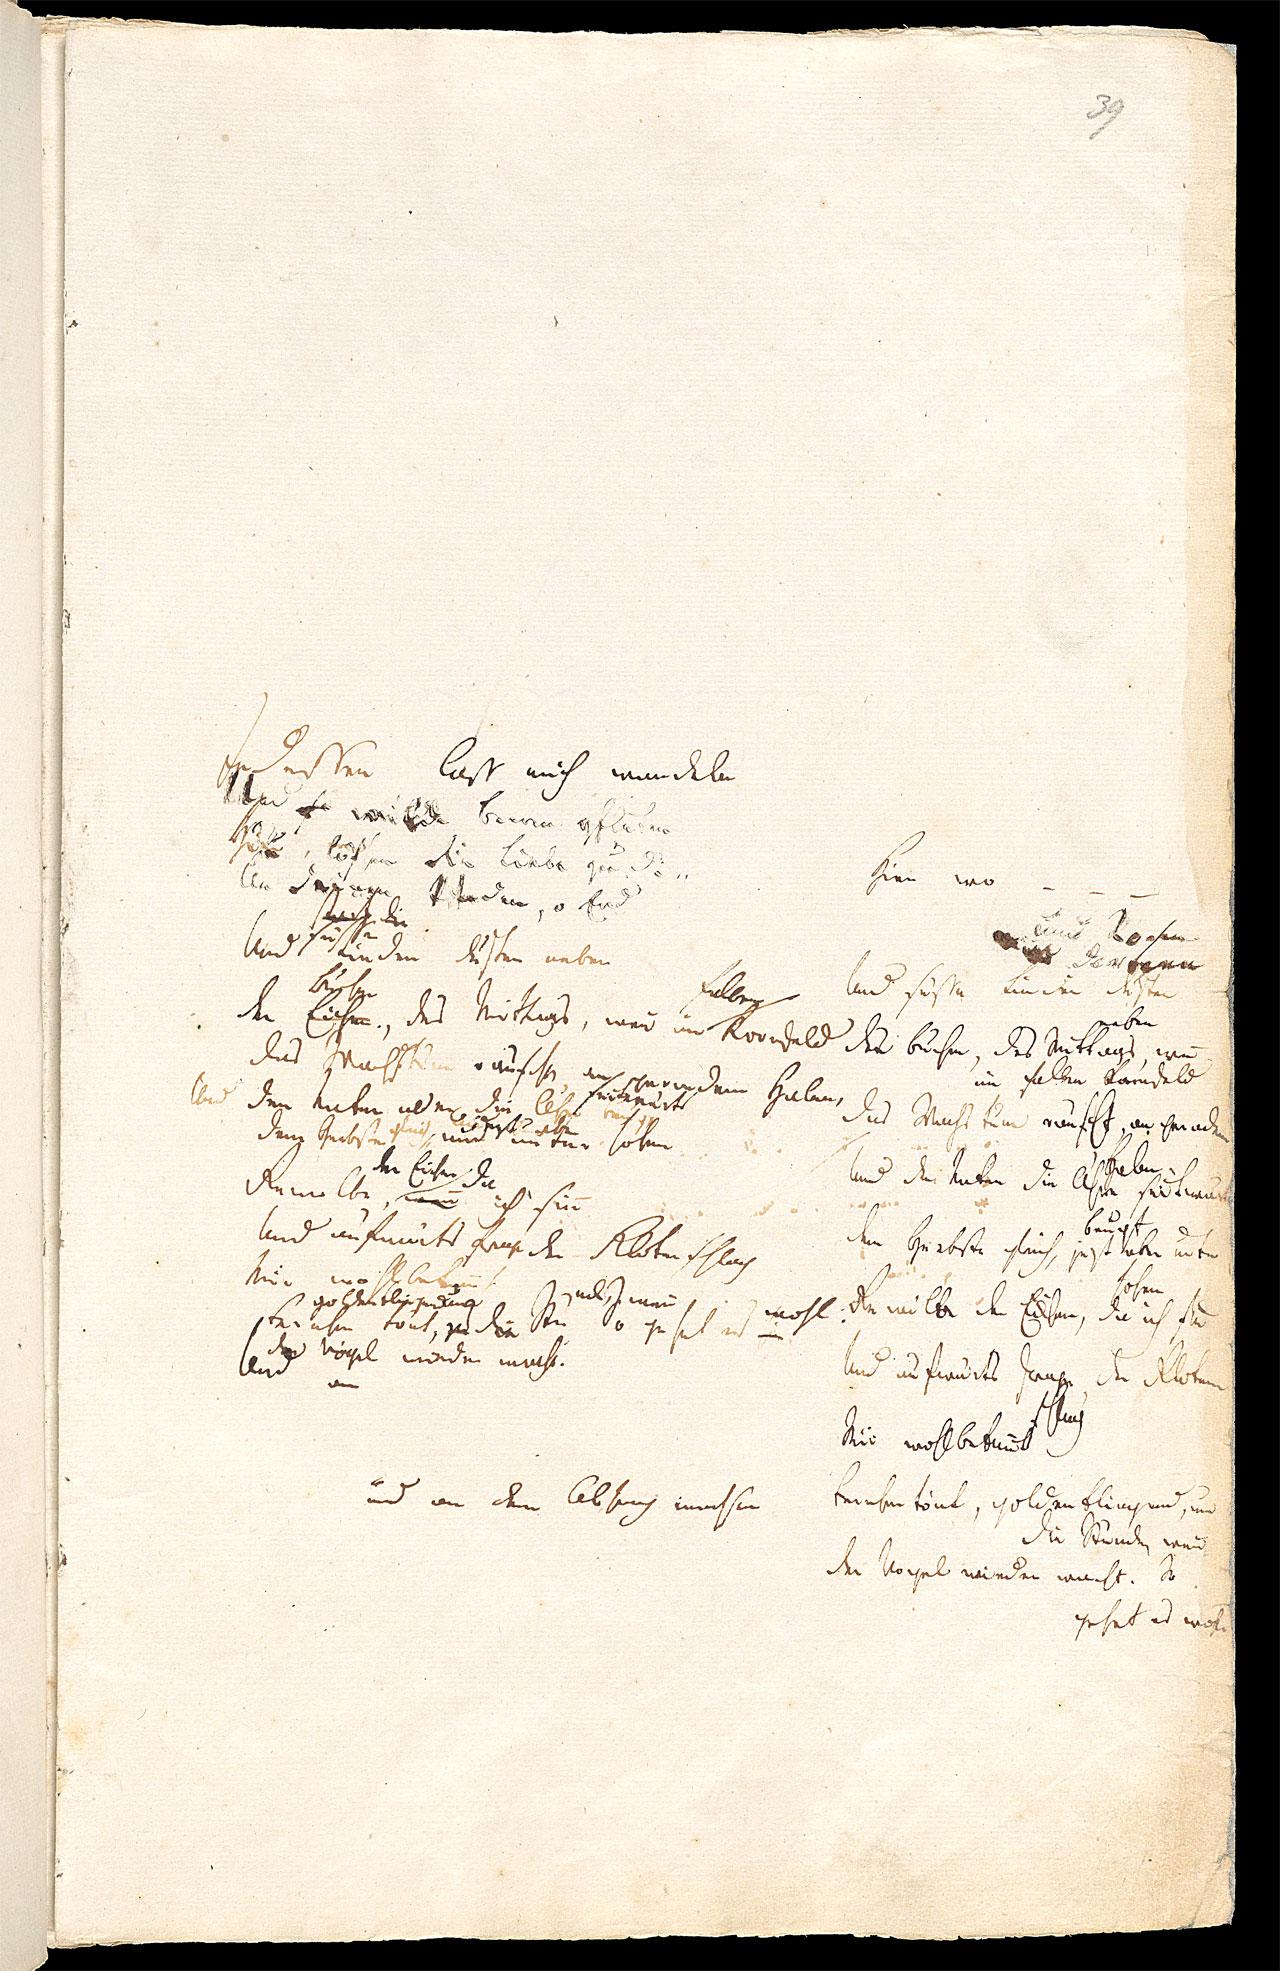 Friedrich Hölderlin, Homburger Folioheft, Seite 39, Indessen laß mich wandeln…, Handschrift